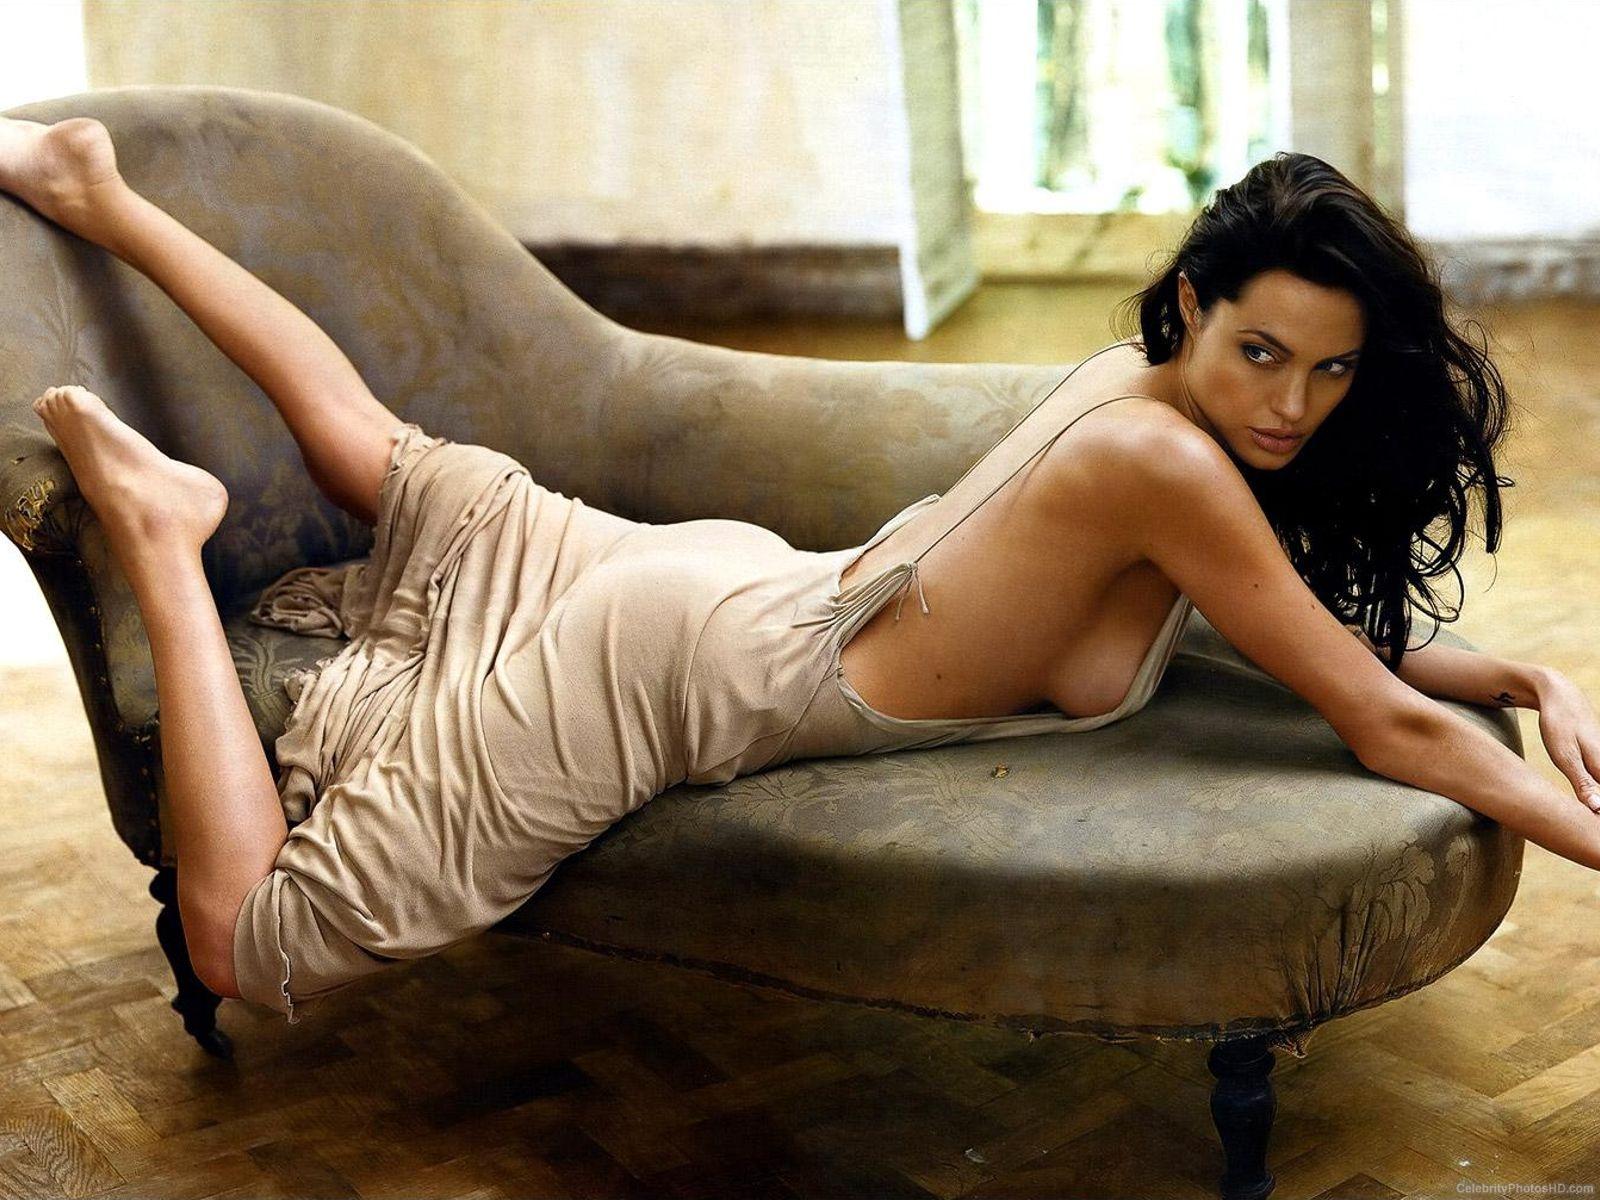 angelina-jolie-unseen-hot-photos-1